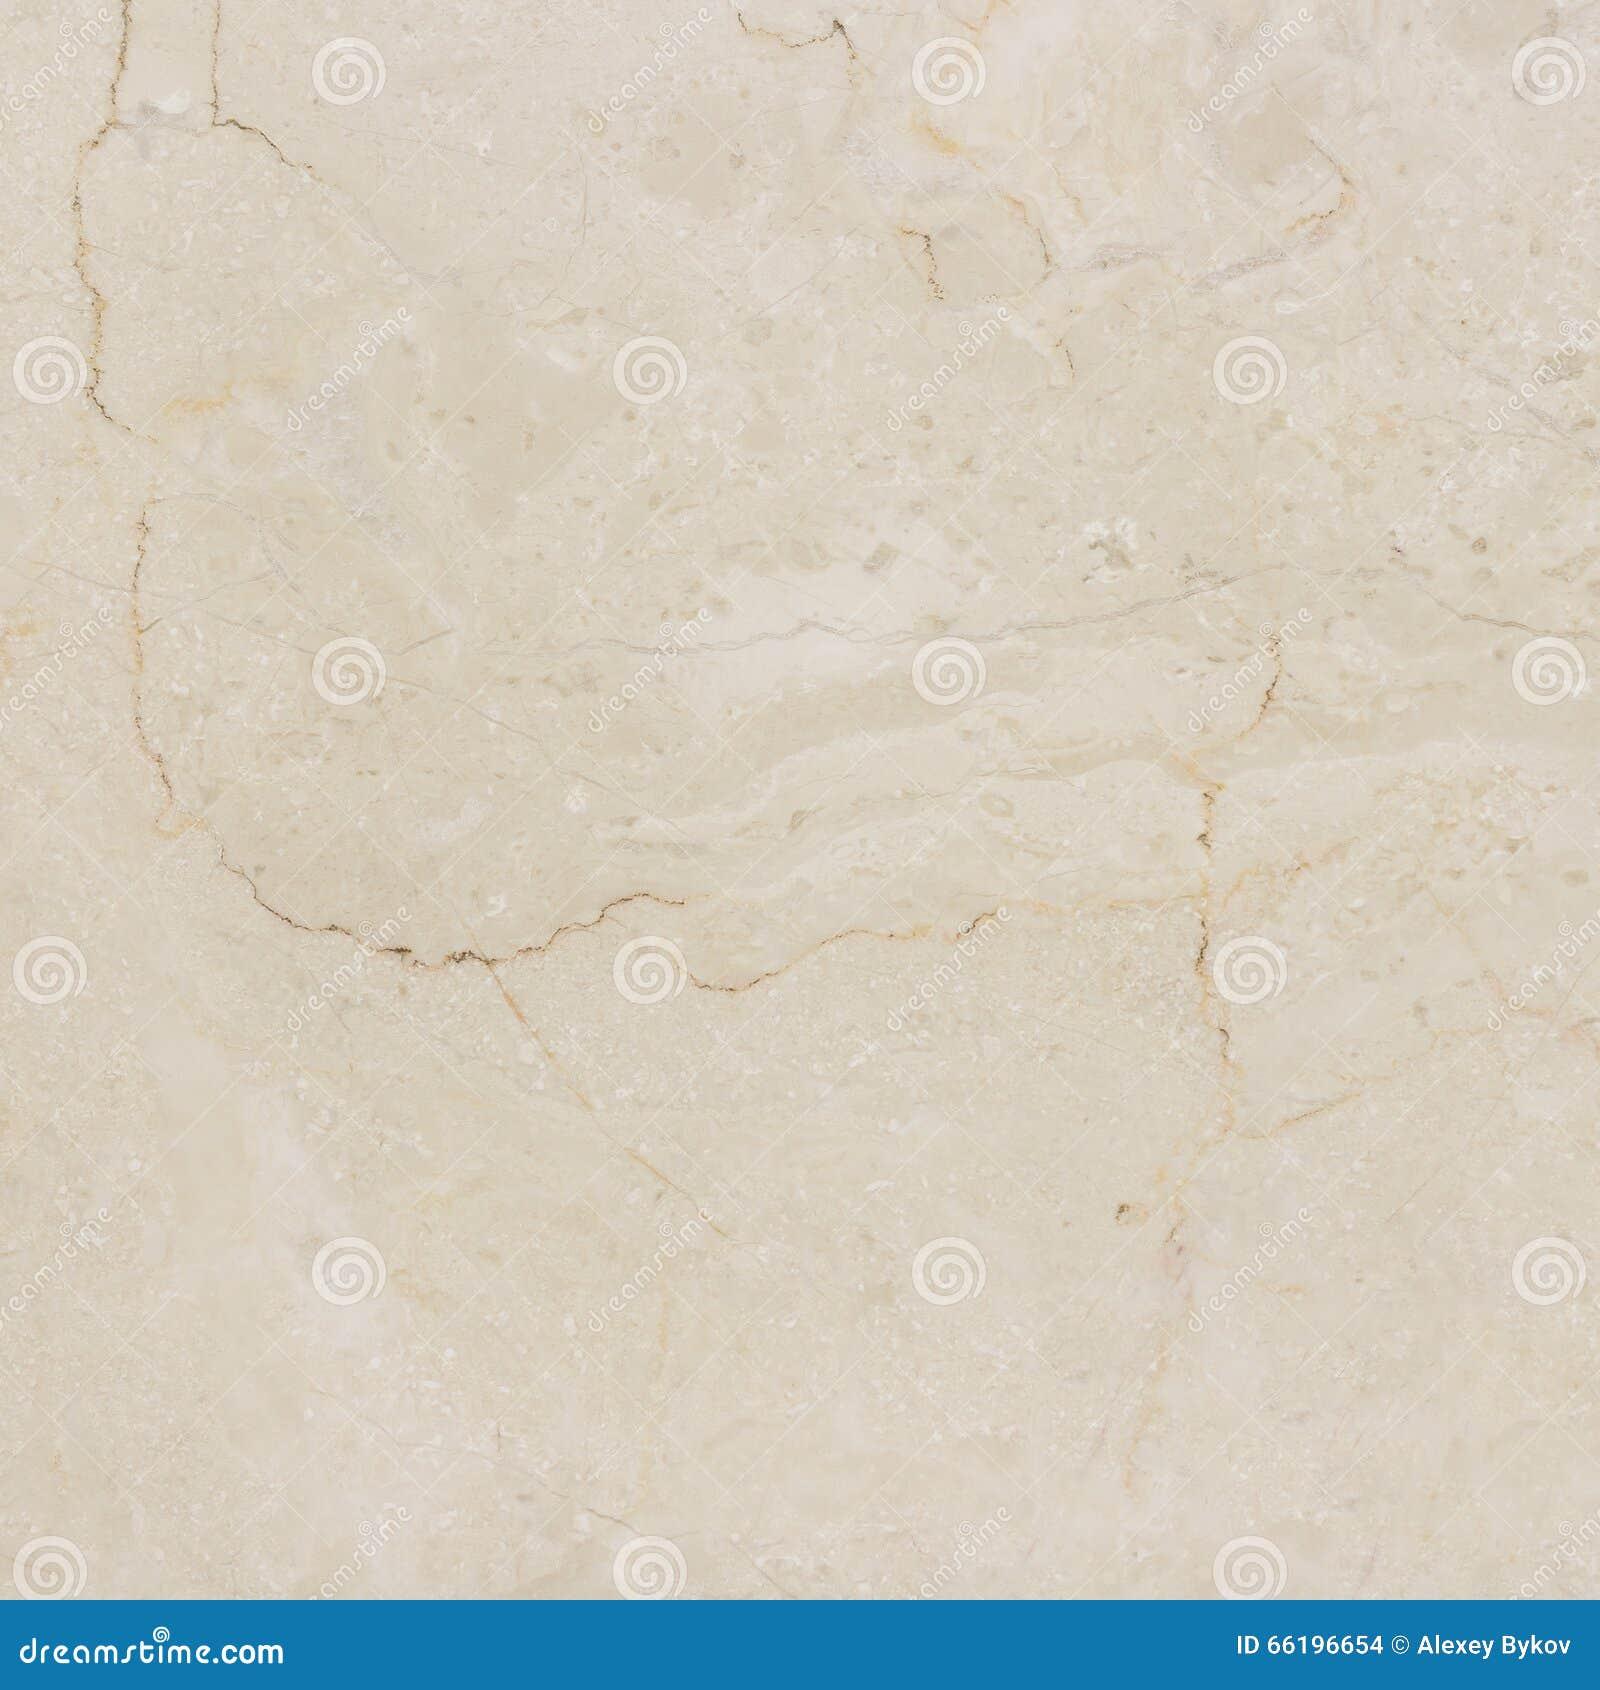 fond de marbre beige de mur en pierre texture photo stock image du fond brun 66196654. Black Bedroom Furniture Sets. Home Design Ideas